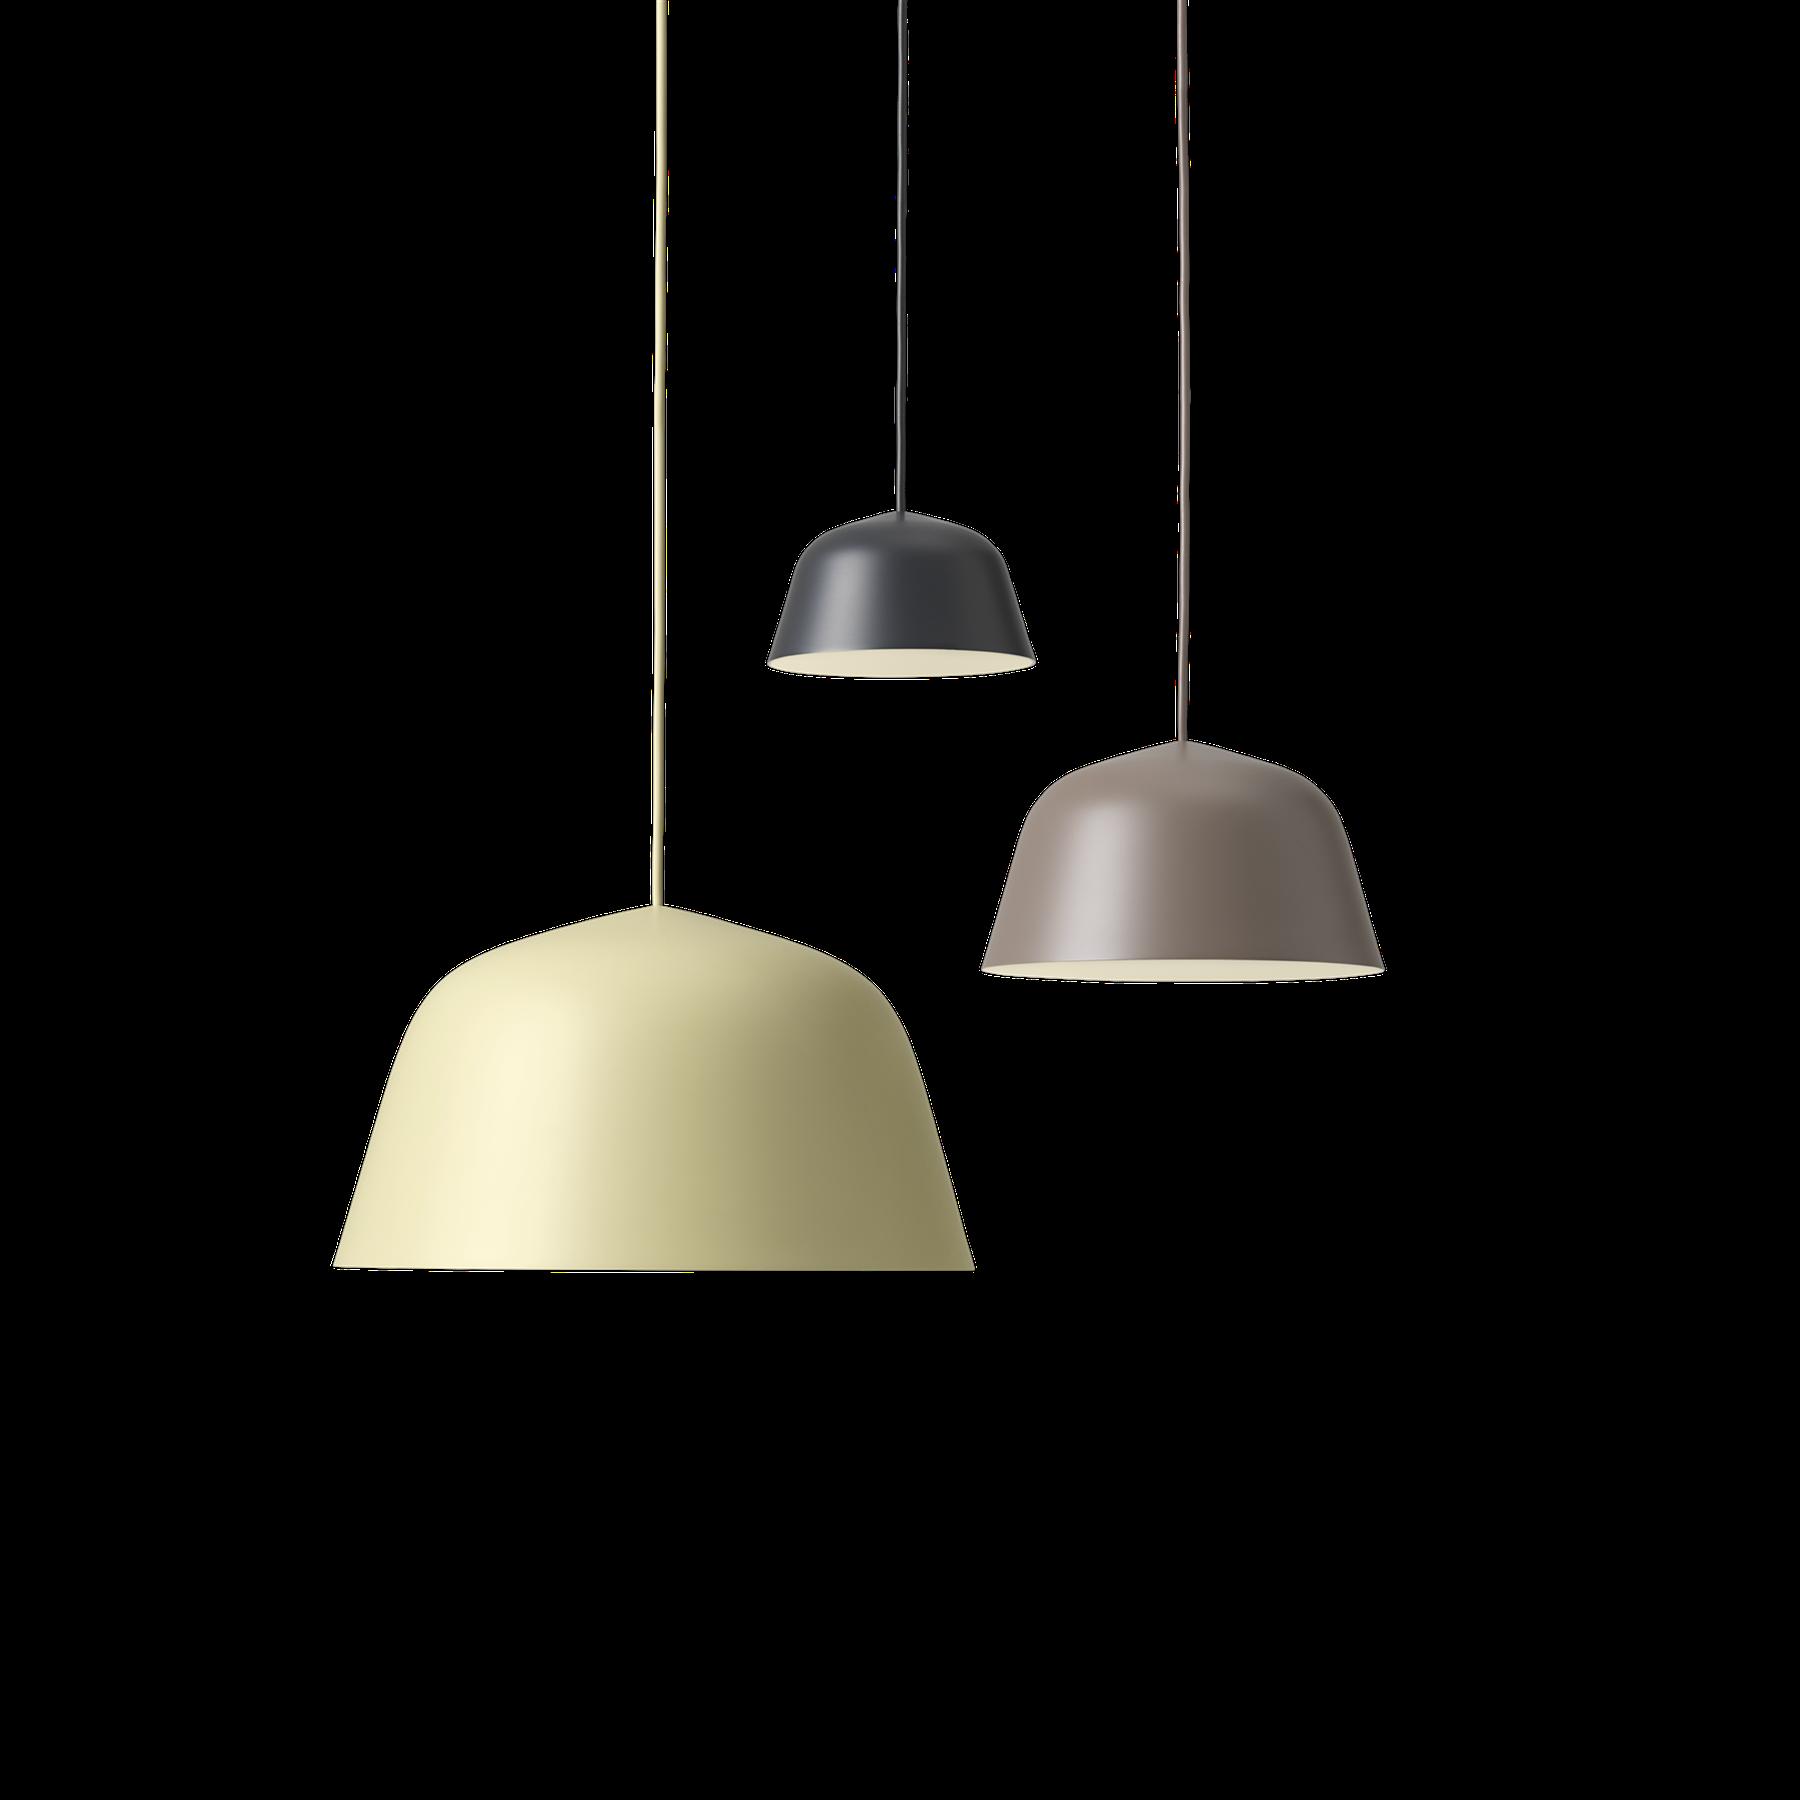 Lighting From Muuto Modern Scandinavian Lighting In 2020 Pendant Lamp Bulb Pendant Light Scandinavian Lighting